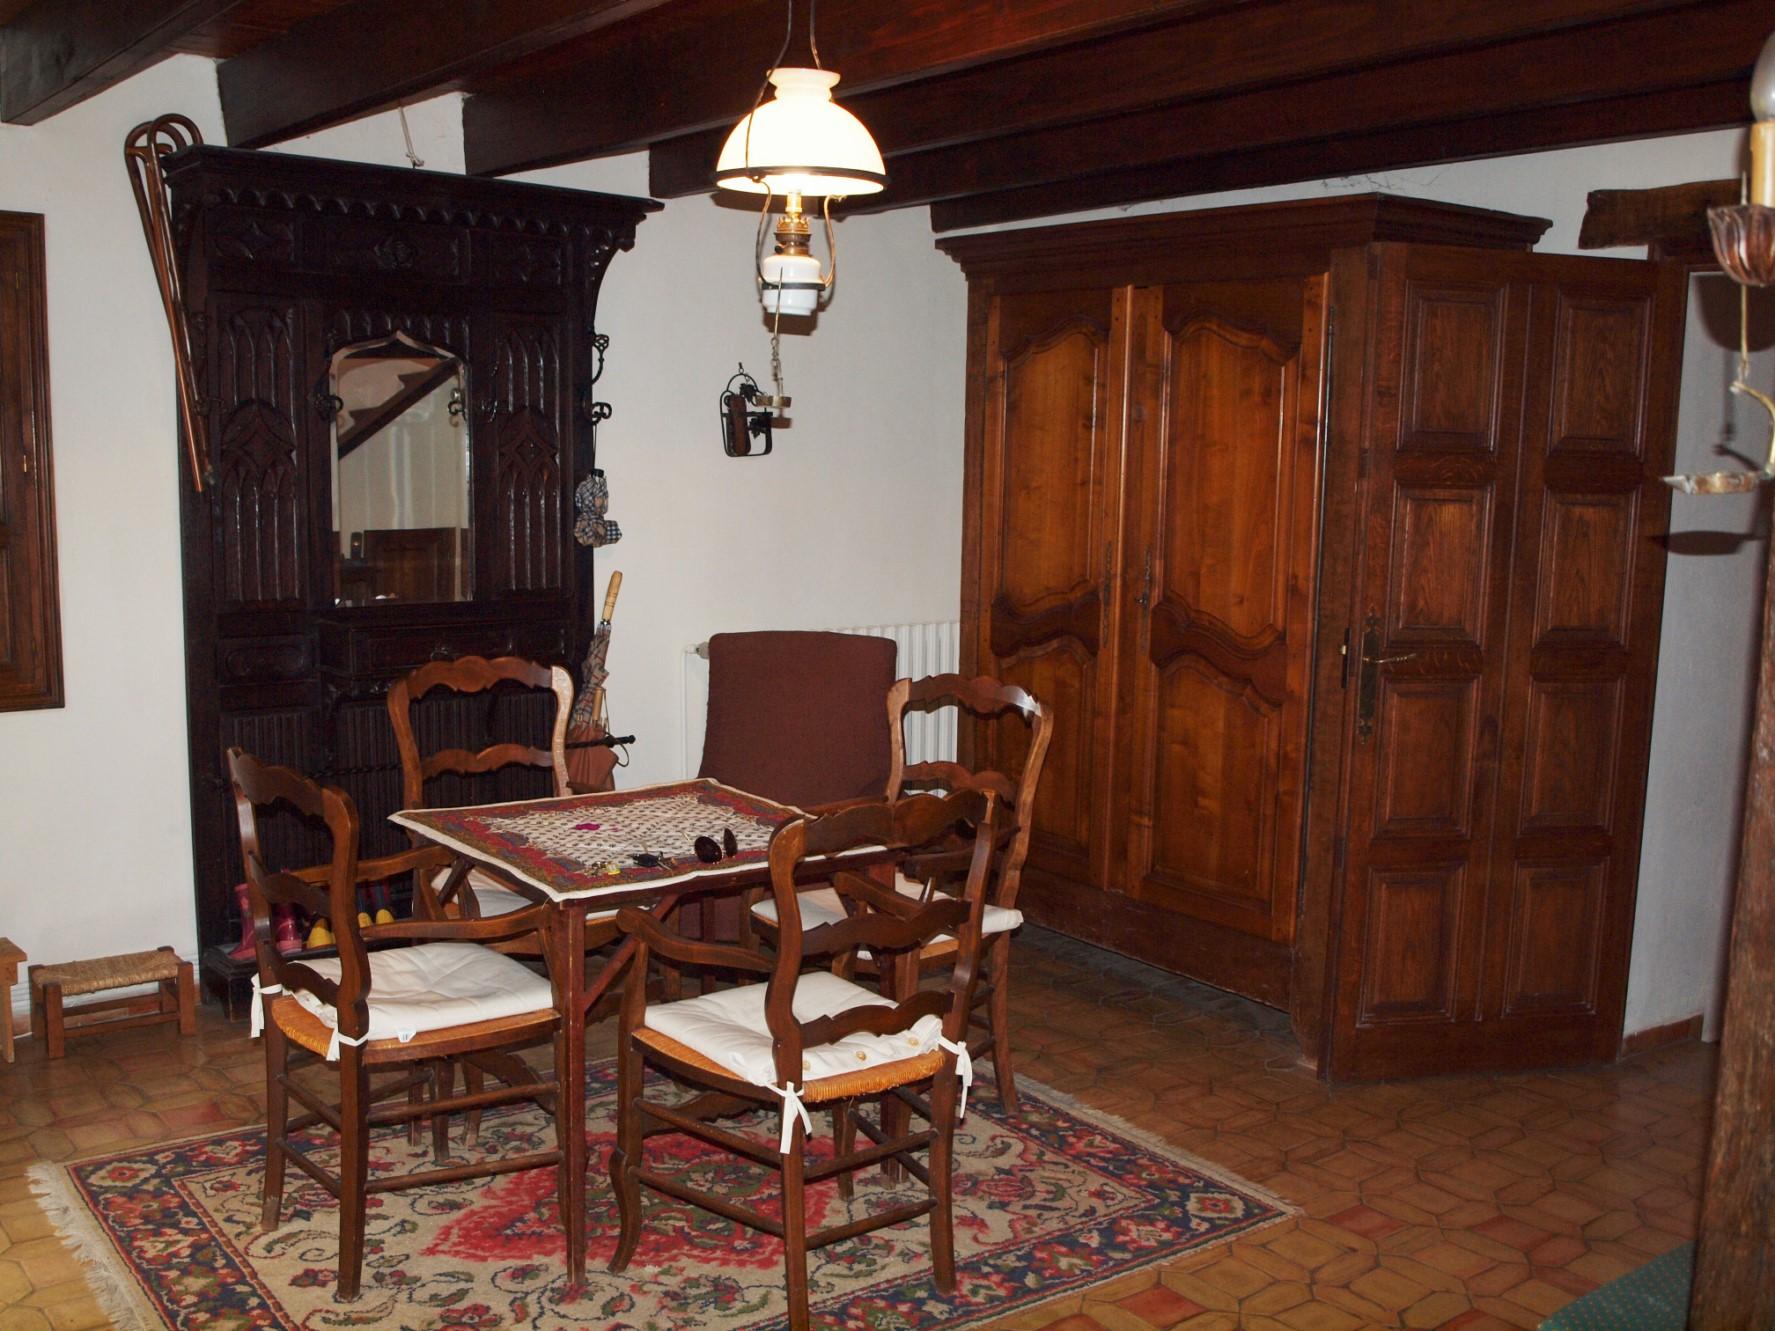 Pays de Sault, maison bourgeoise à vendre sur 27 hectares